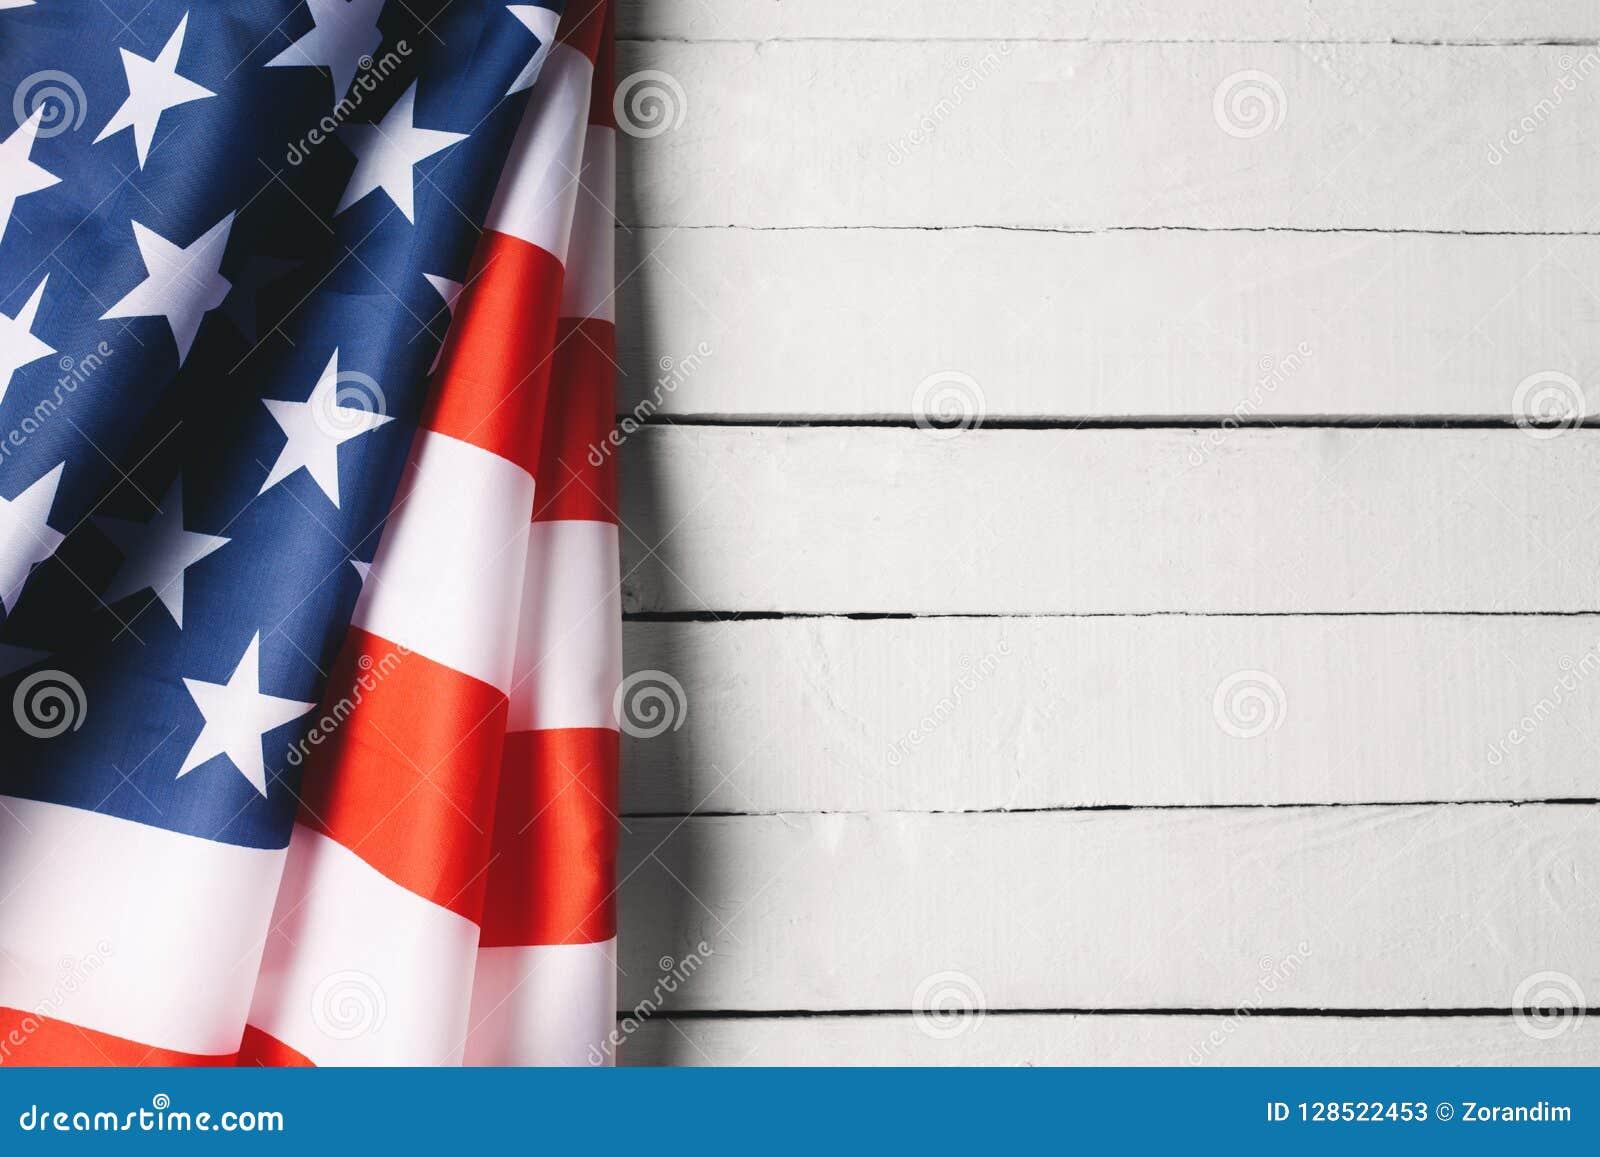 阵亡将士纪念日或退伍军人` s天背景的红色,白色和蓝色美国国旗